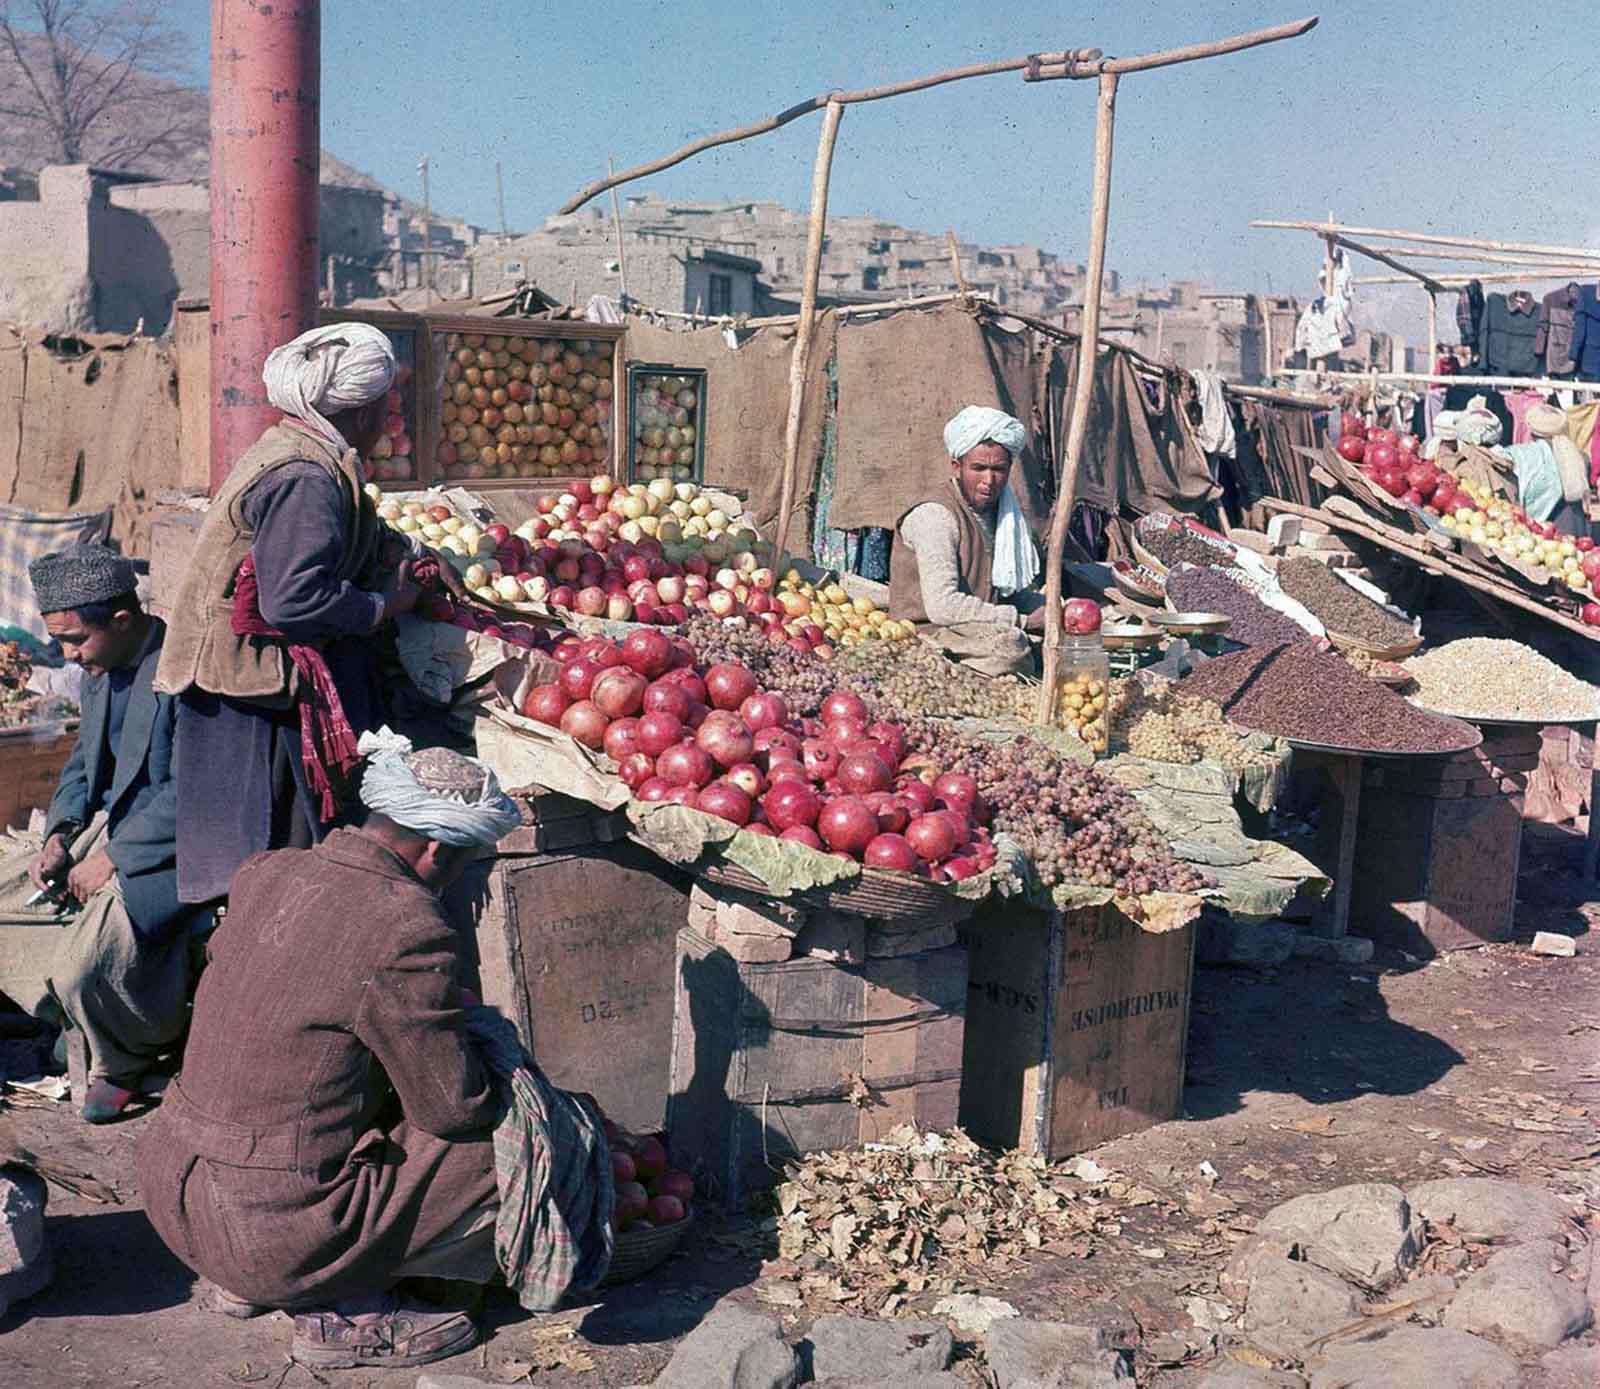 Los vendedores venden diversos fuits y nueces en un mercado al aire libre en Kabul, en noviembre de 1961.